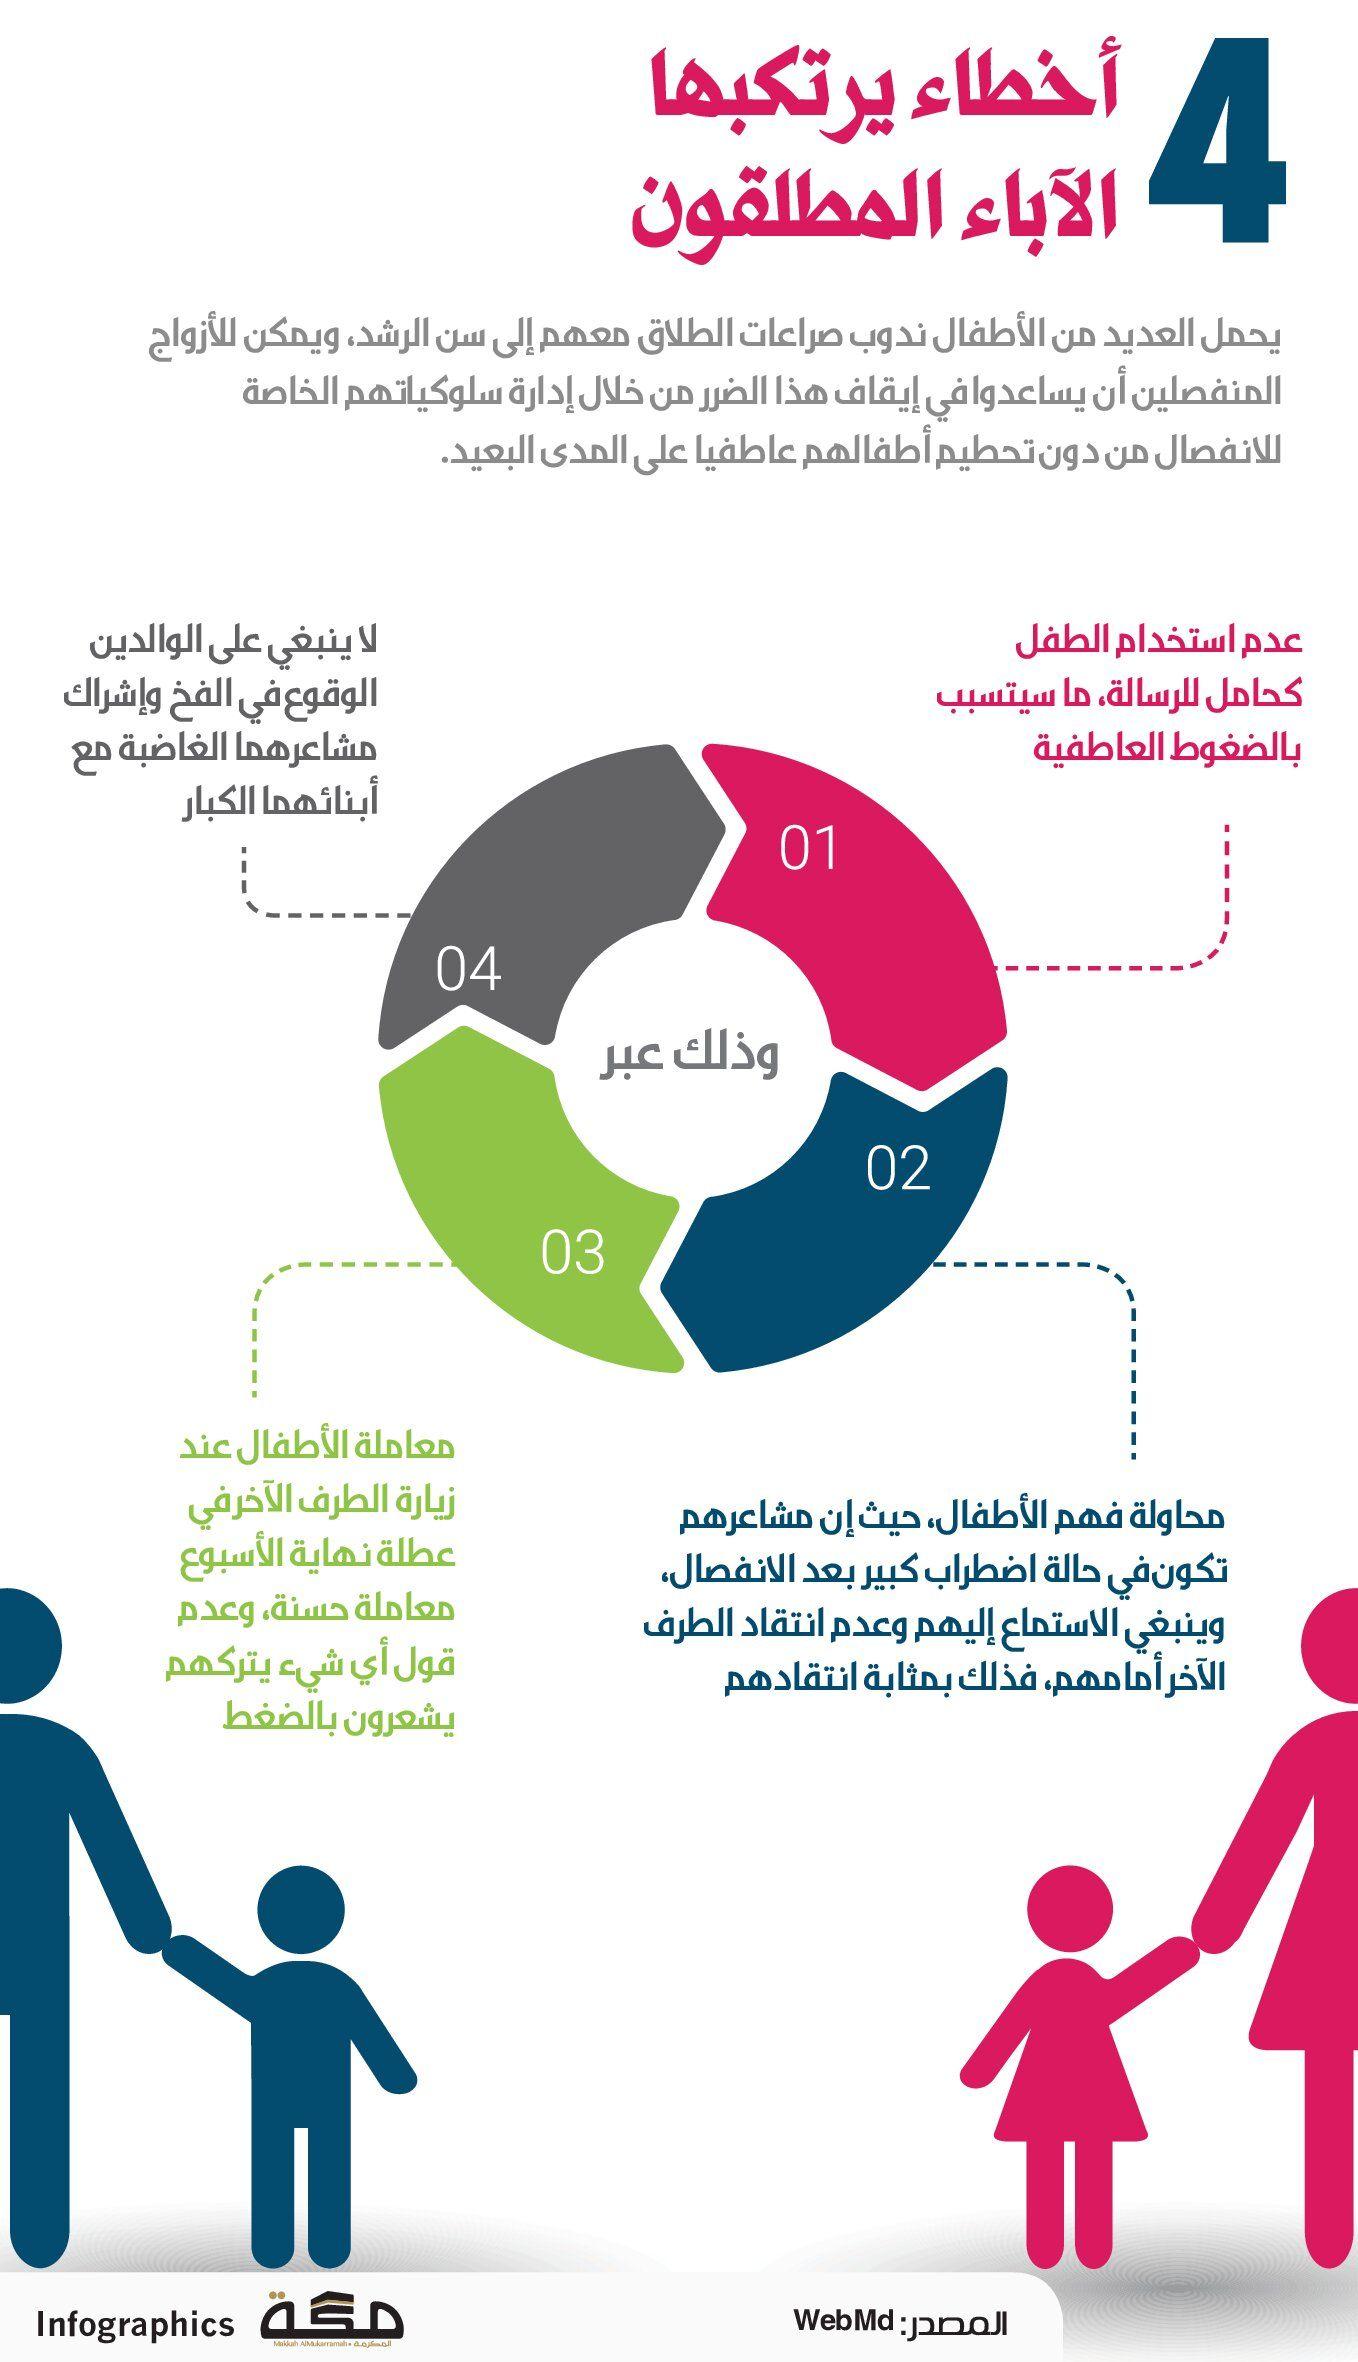 4 أخطاء يرتكبها الآباء المطلقون صحيفةـمكة انفوجرافيك مجتمع Pie Chart Infographic Map